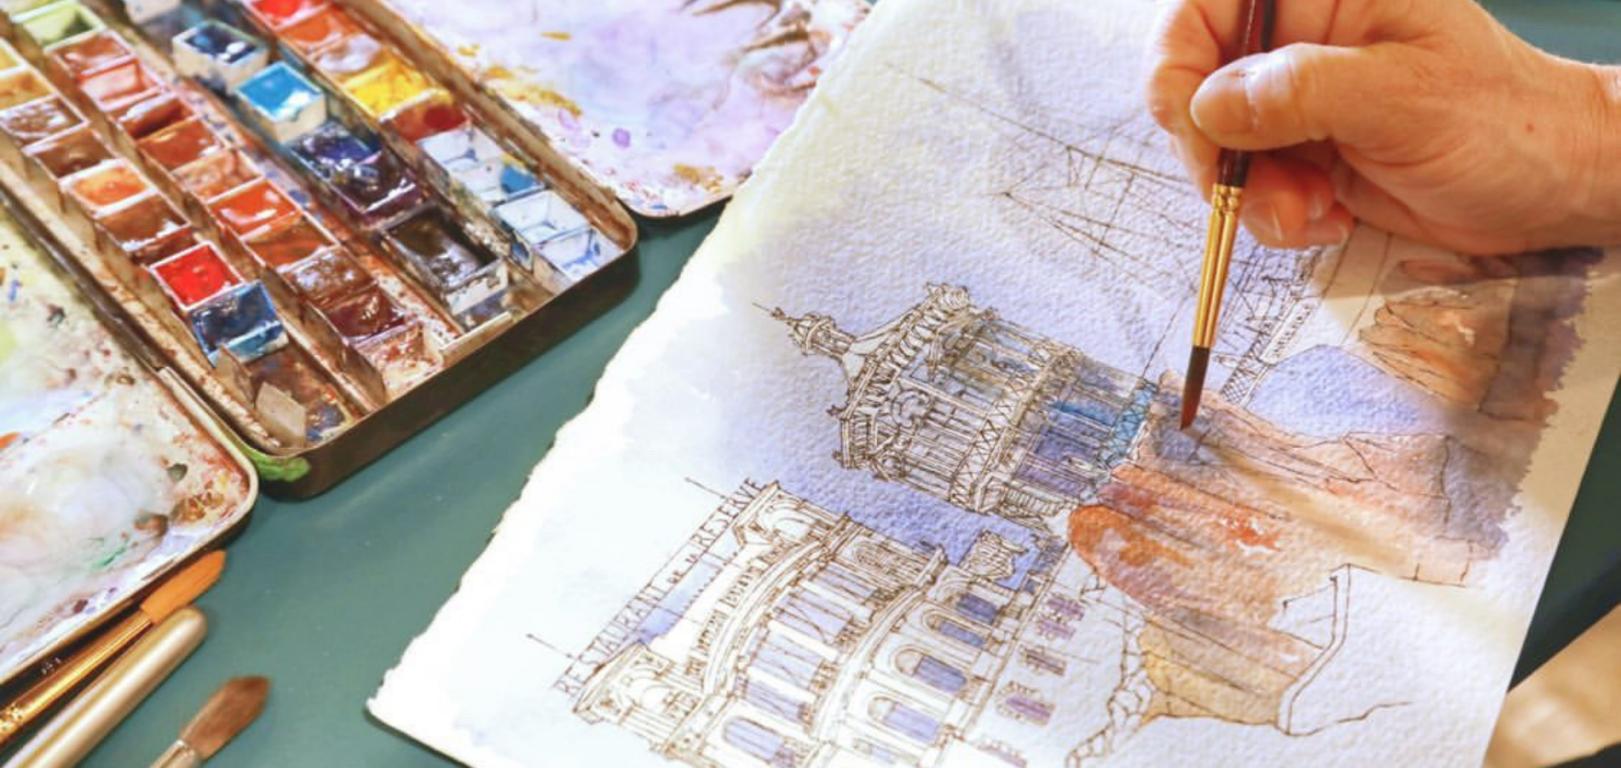 Aquarelle et dessin pour architectes Nice - French Riviera - Sylvie T